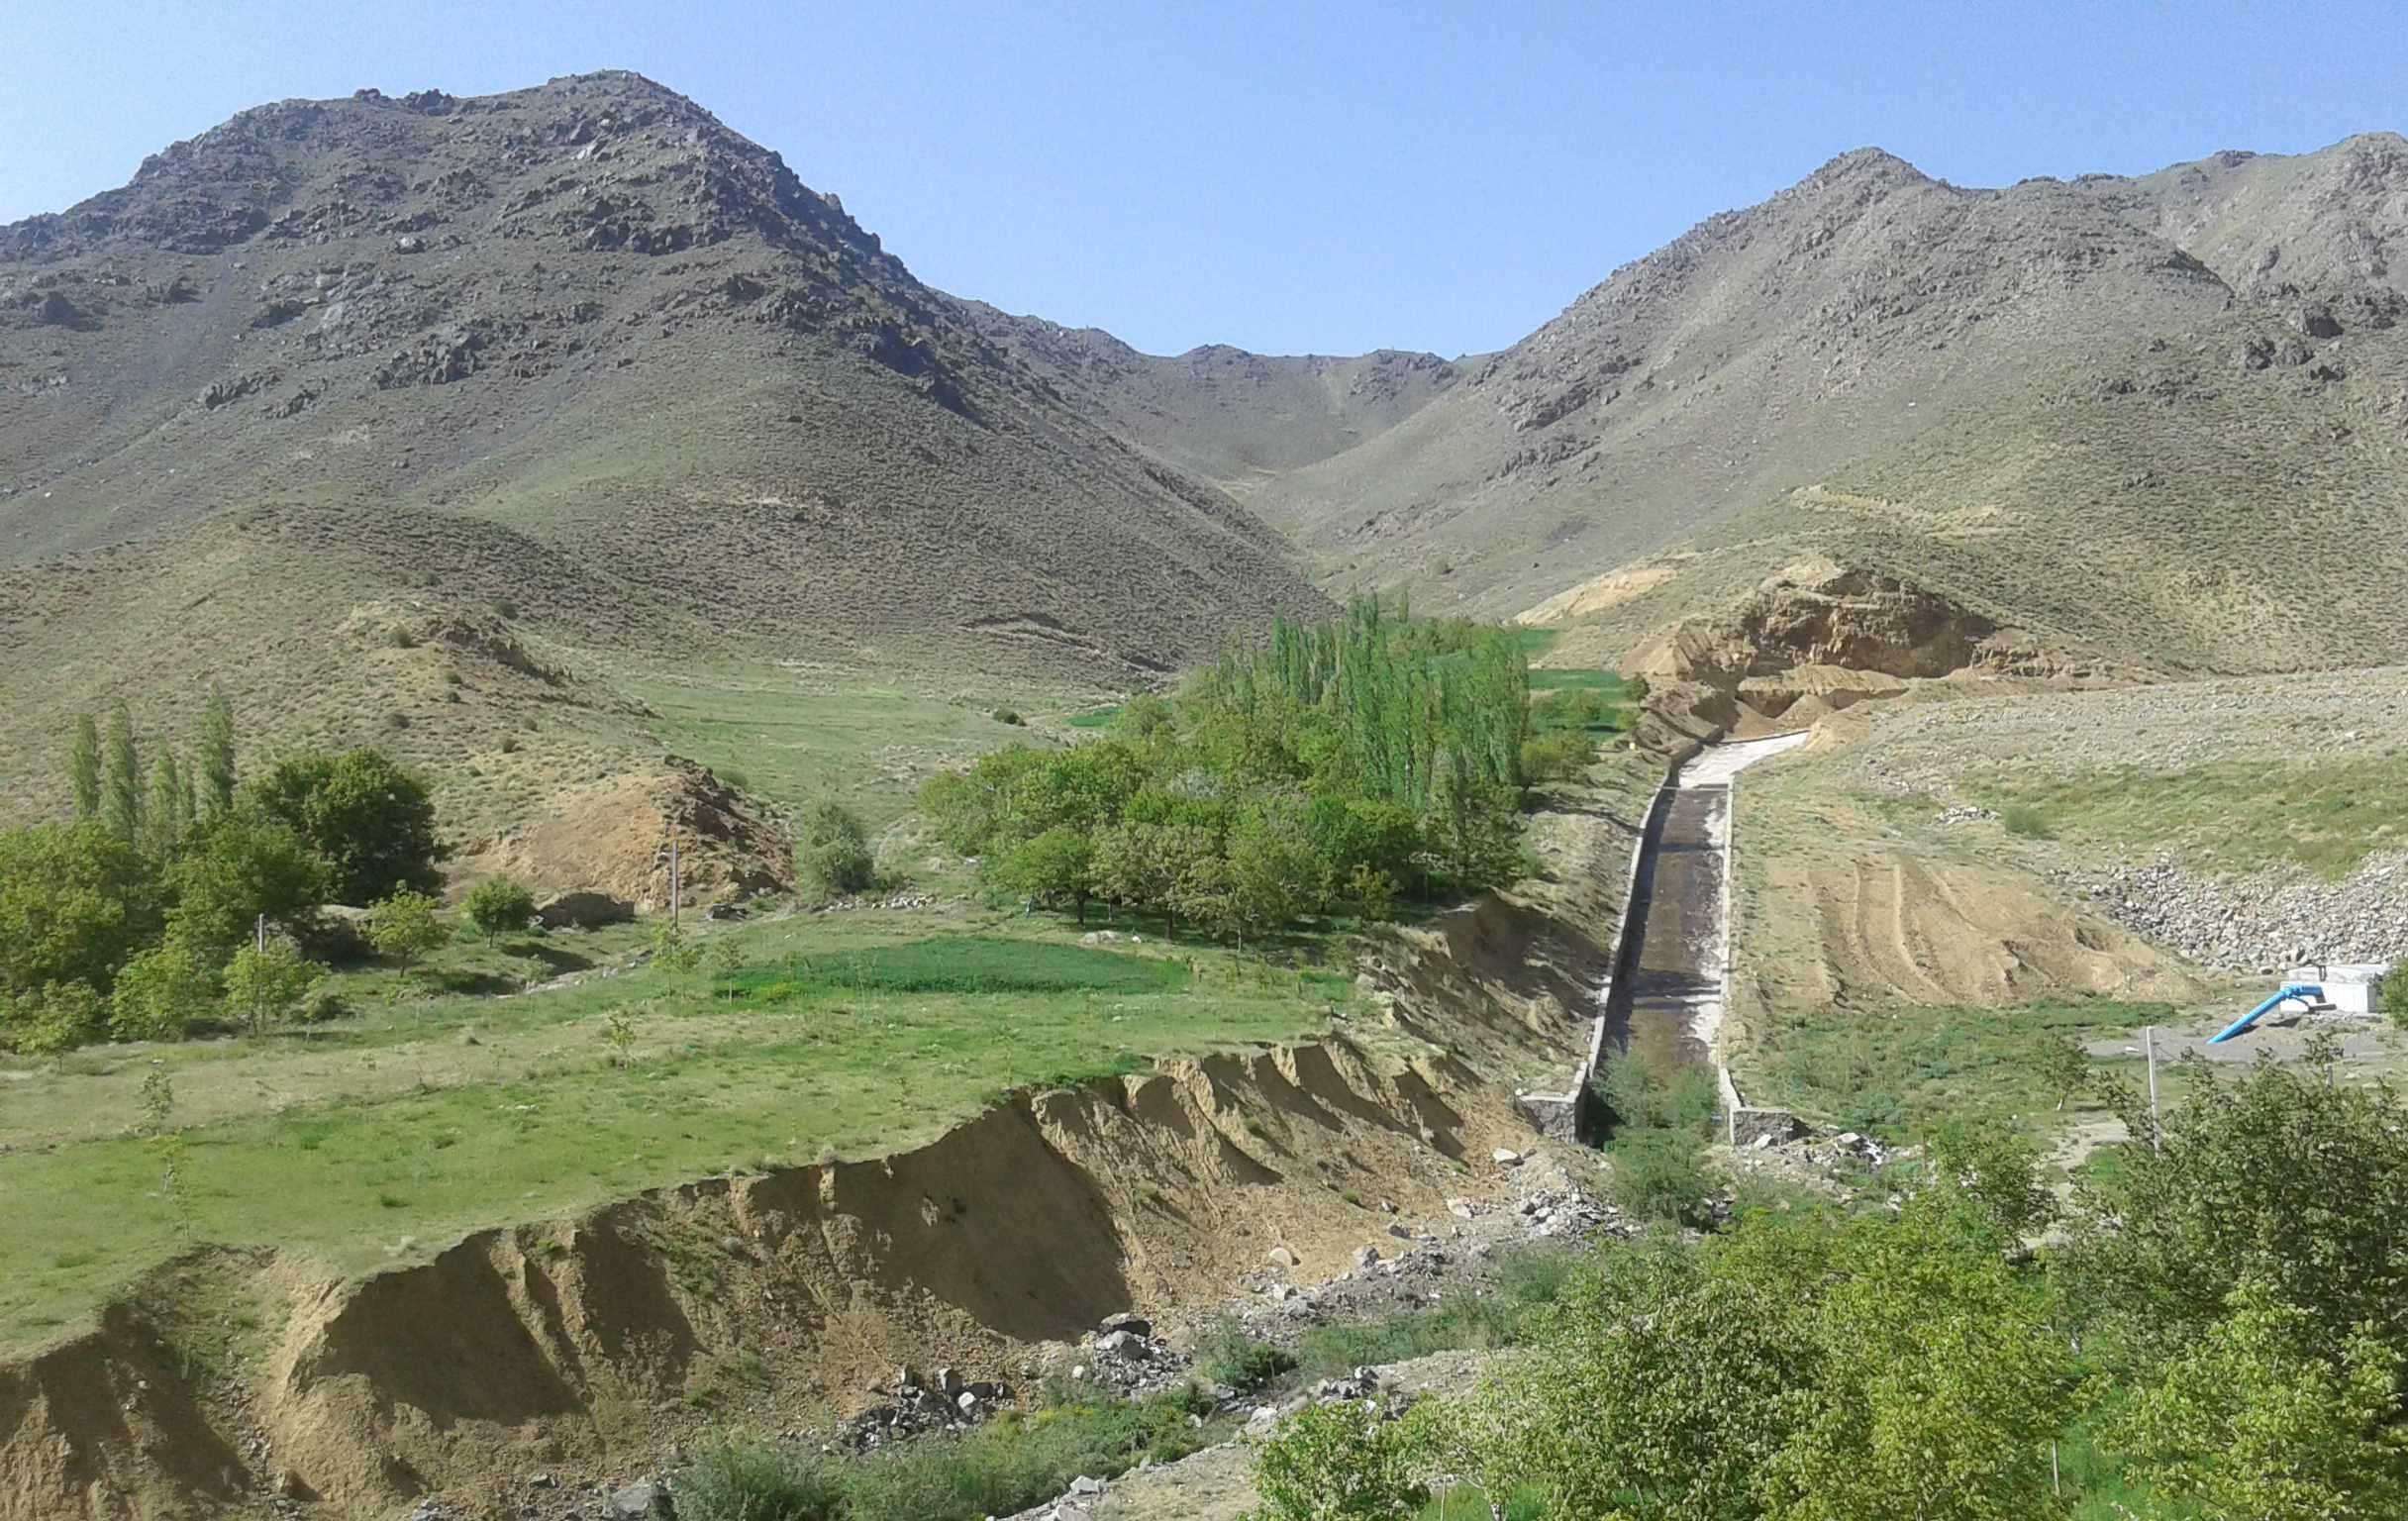 روستاي صخره ای کُرُم، تجربه حمام آب معدنی در دل کوه